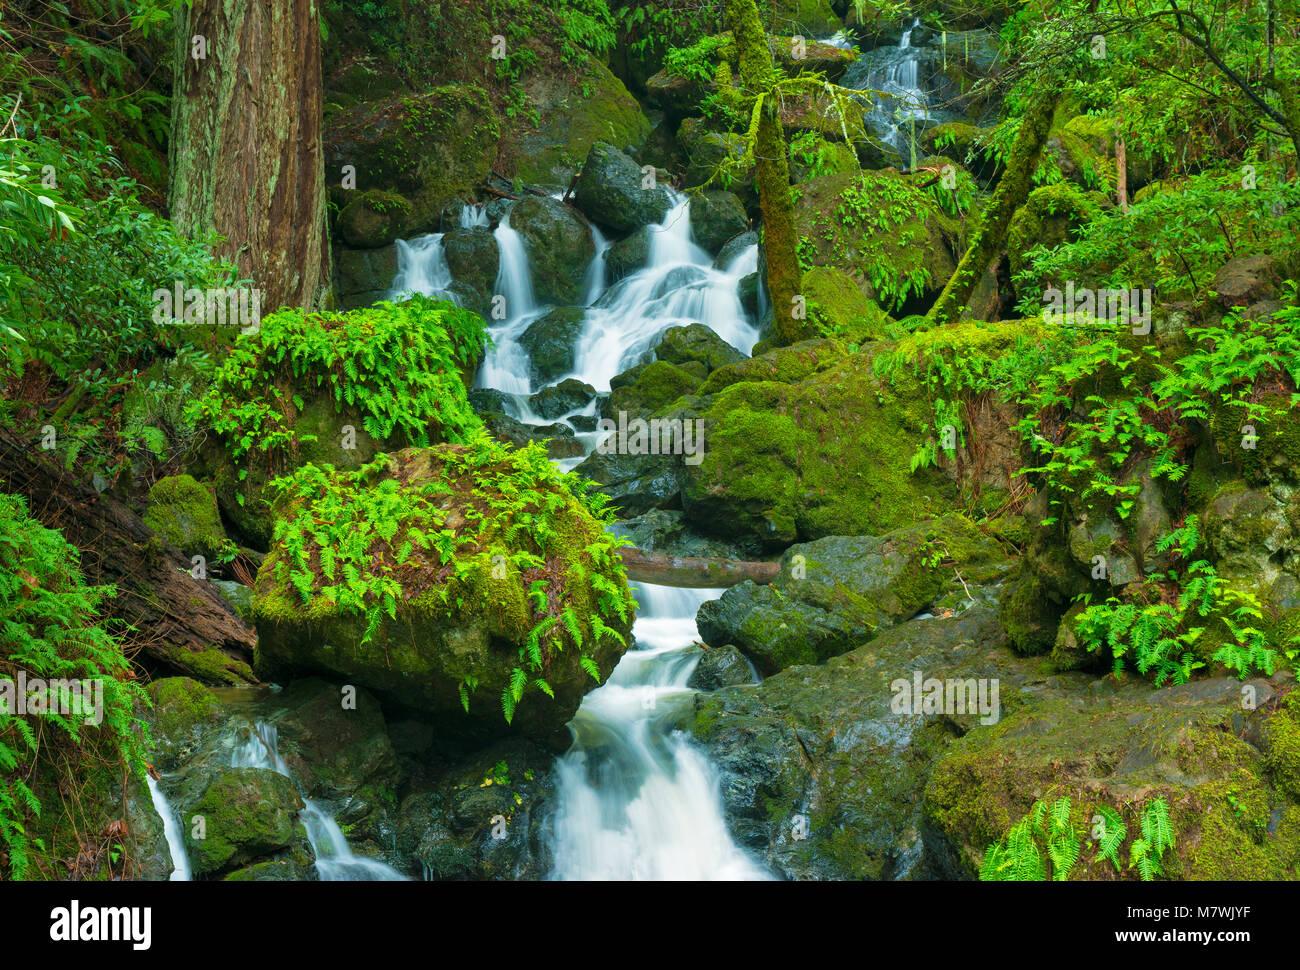 Katarakt fällt, Cataract Canyon, Mount Tamalpais, Marin County, Kalifornien Stockbild